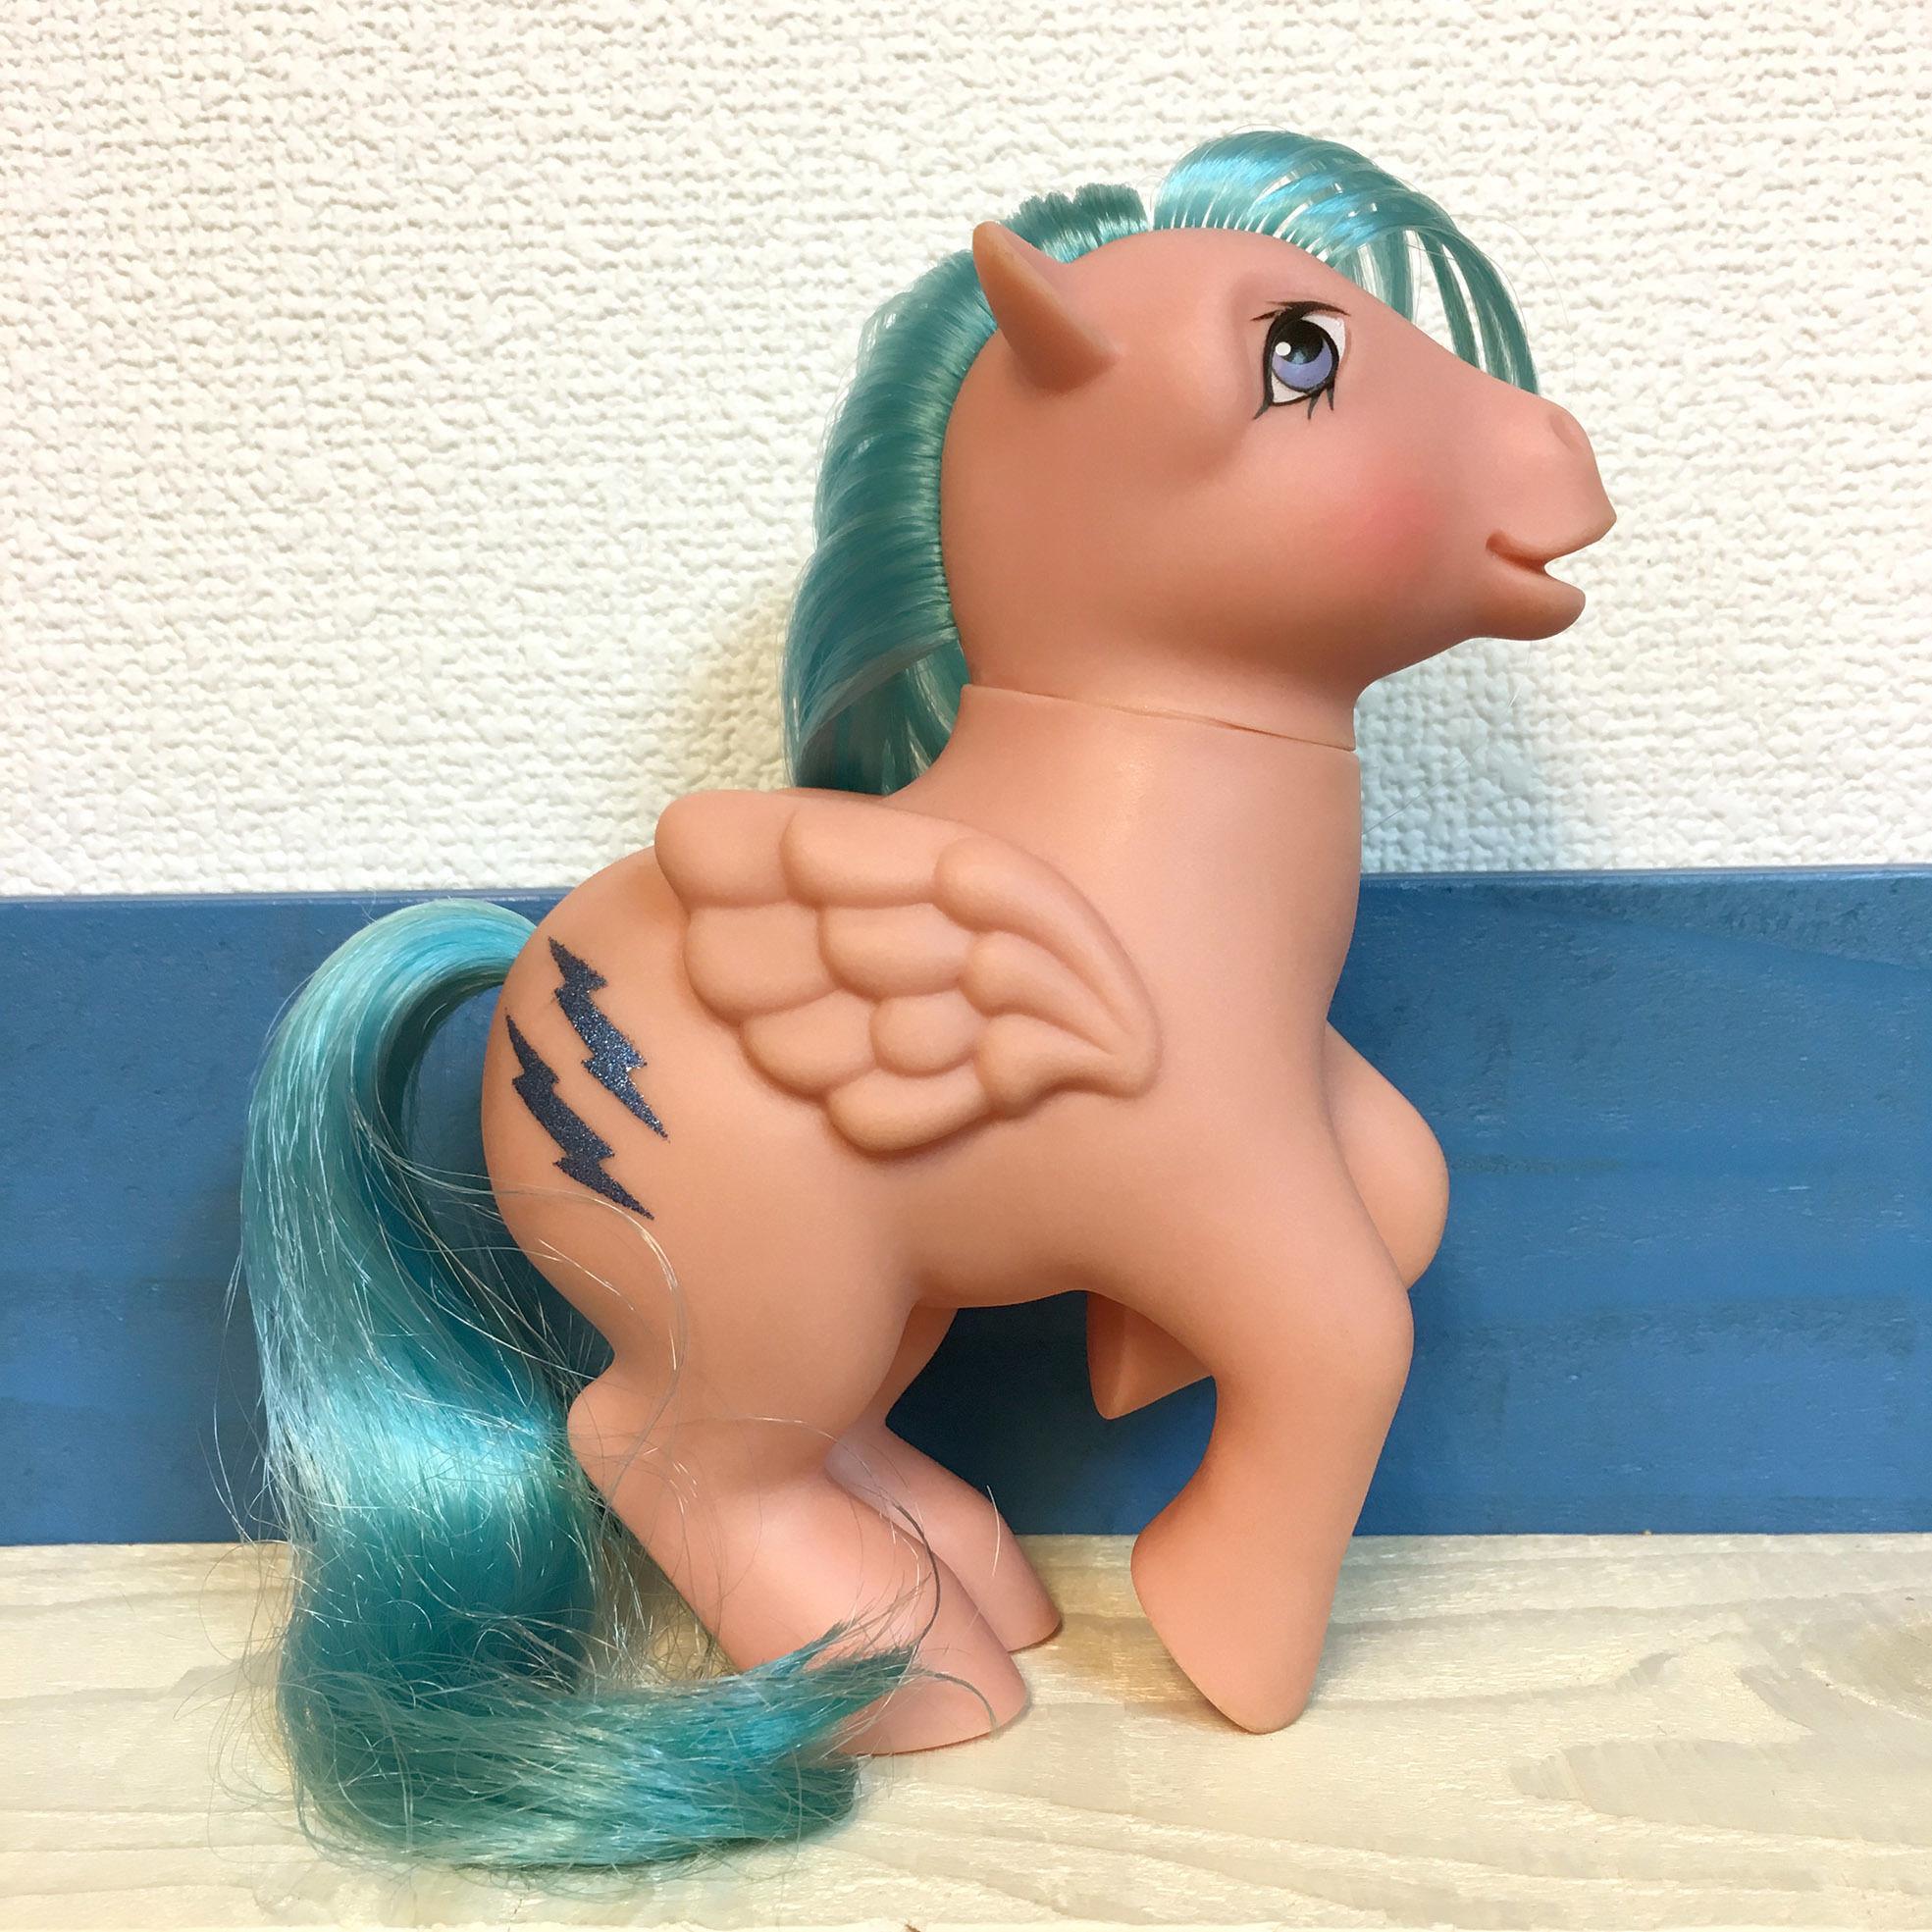 G1 My Little Pony Firefly/G1マイリトルポニー ファイアーフライ/171103-6